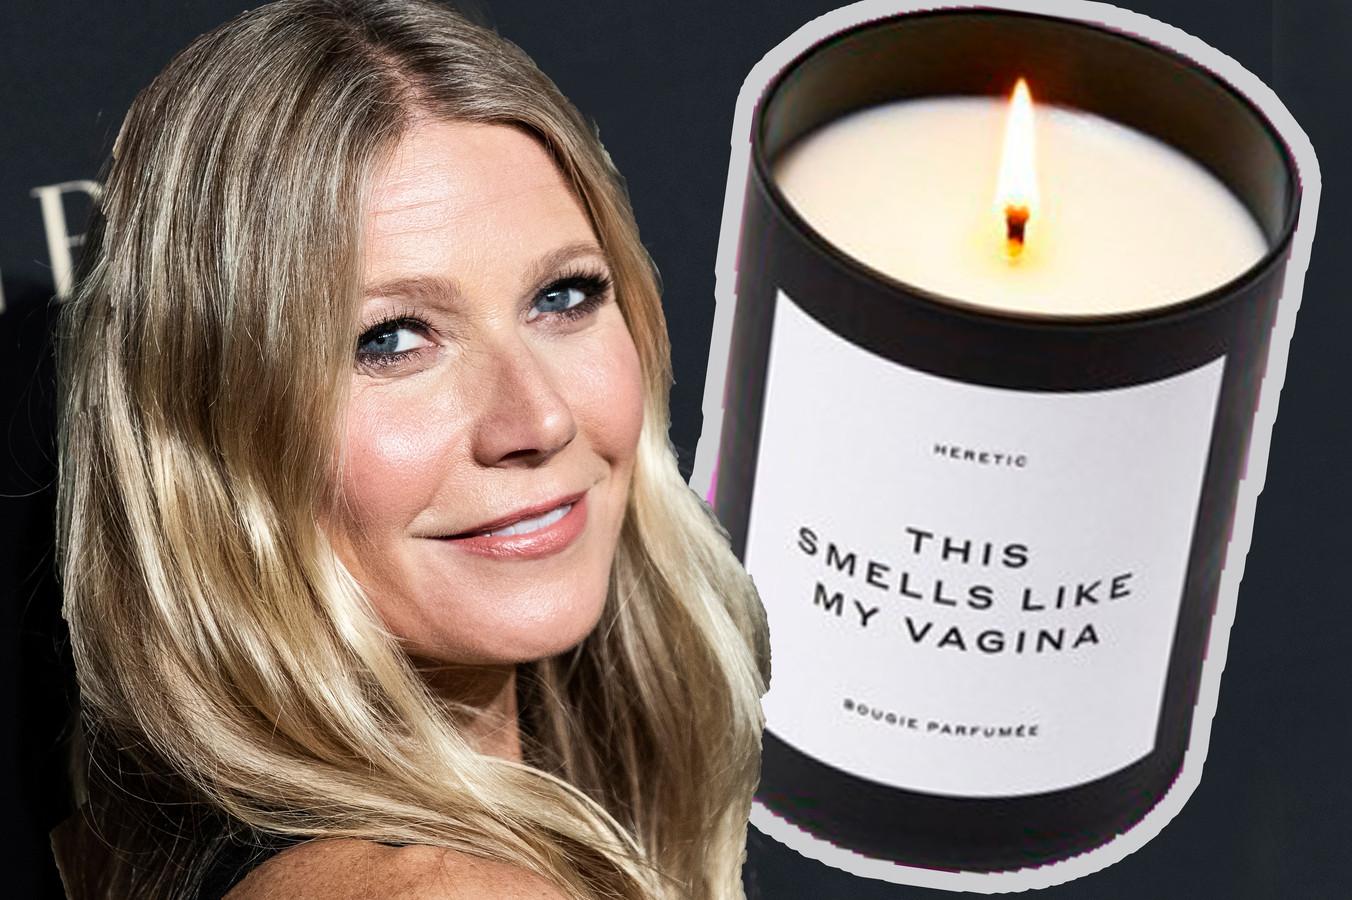 La star a comparé l'odeur de sa nouvelle bougie parfumée à celle de son vagin.